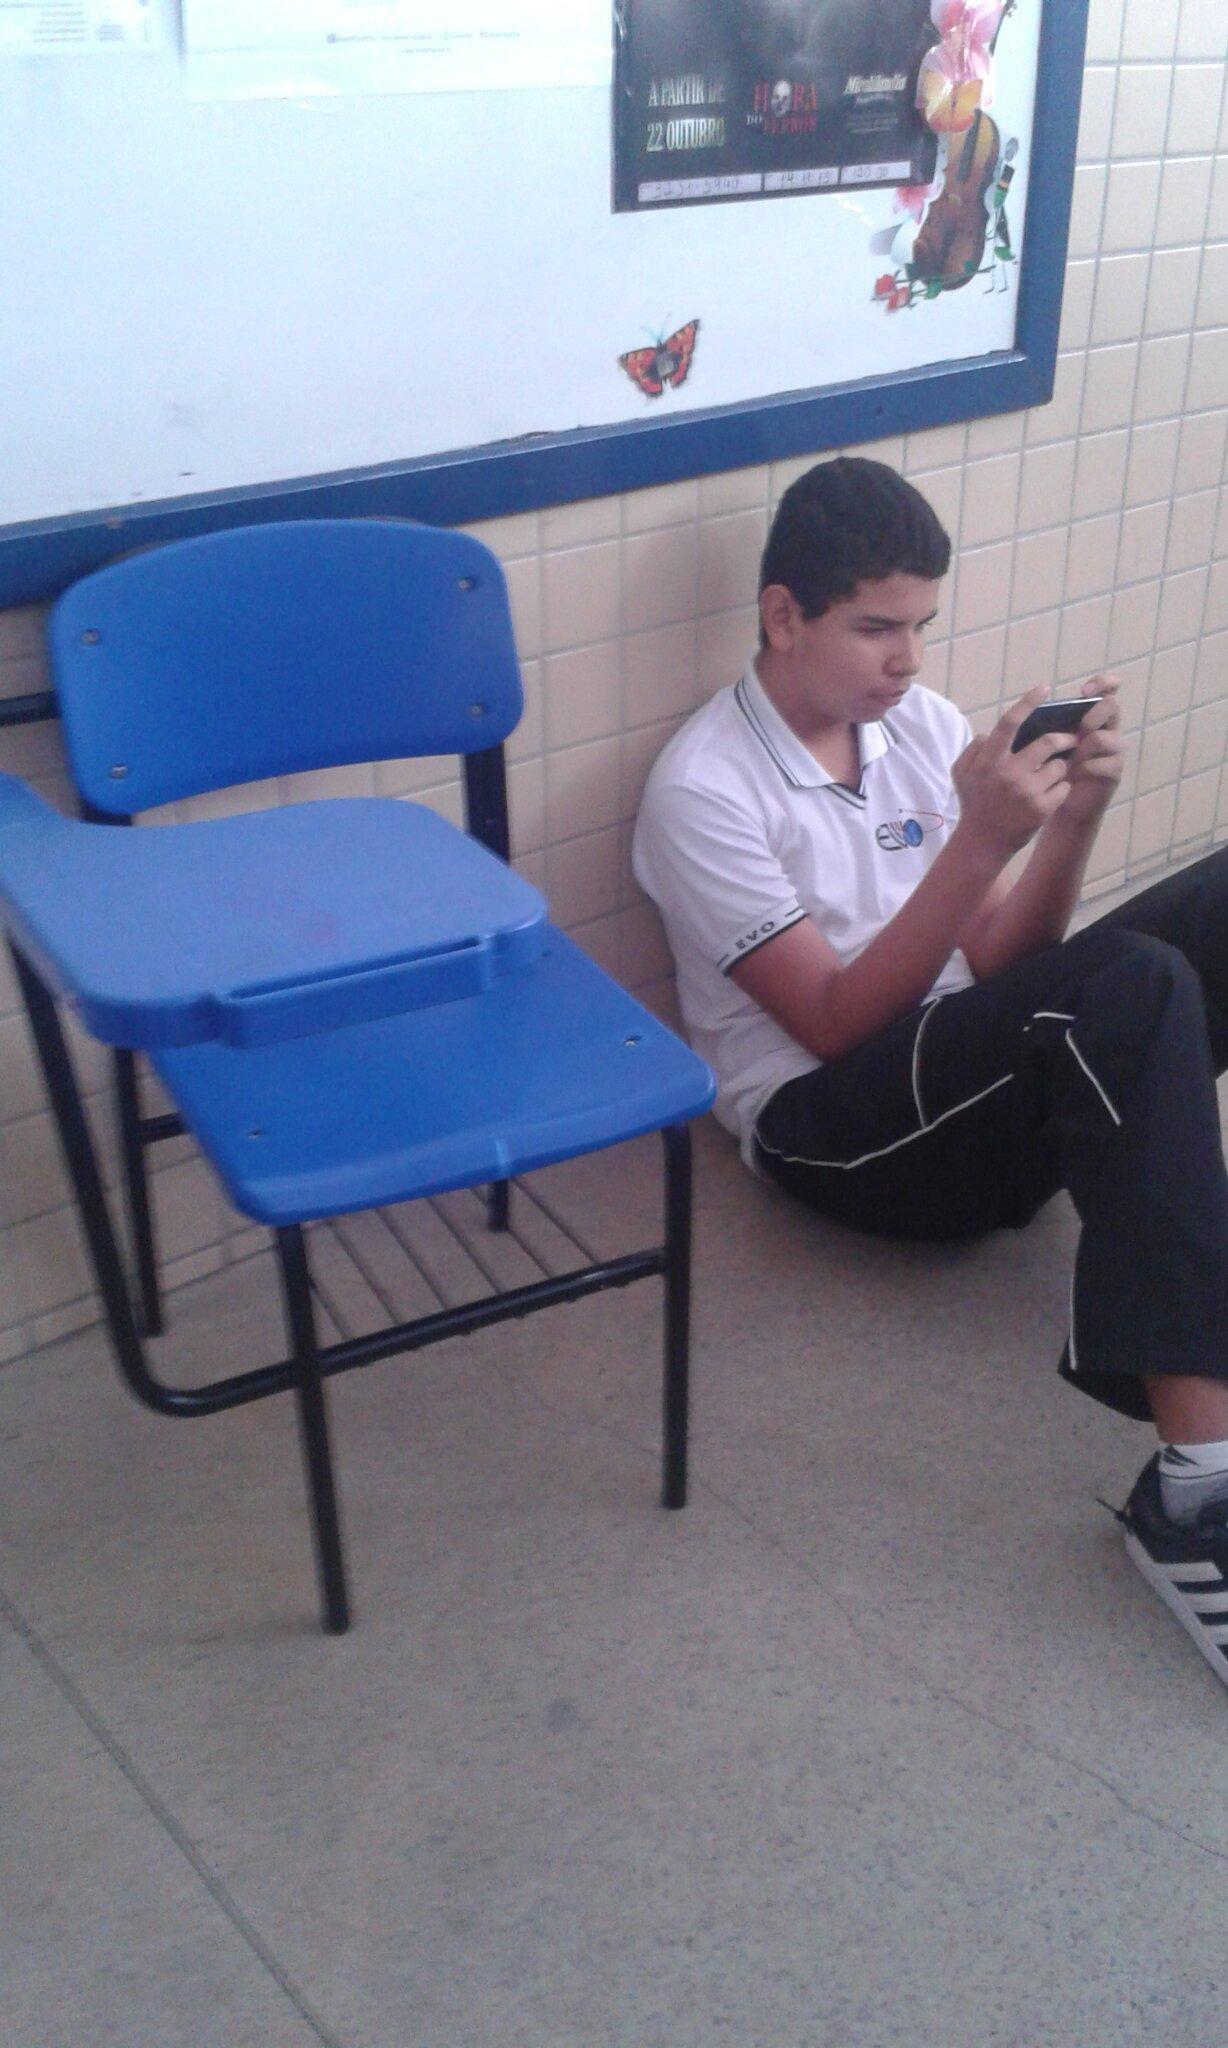 Pra q cadeira quando se tem o chão :) - meme